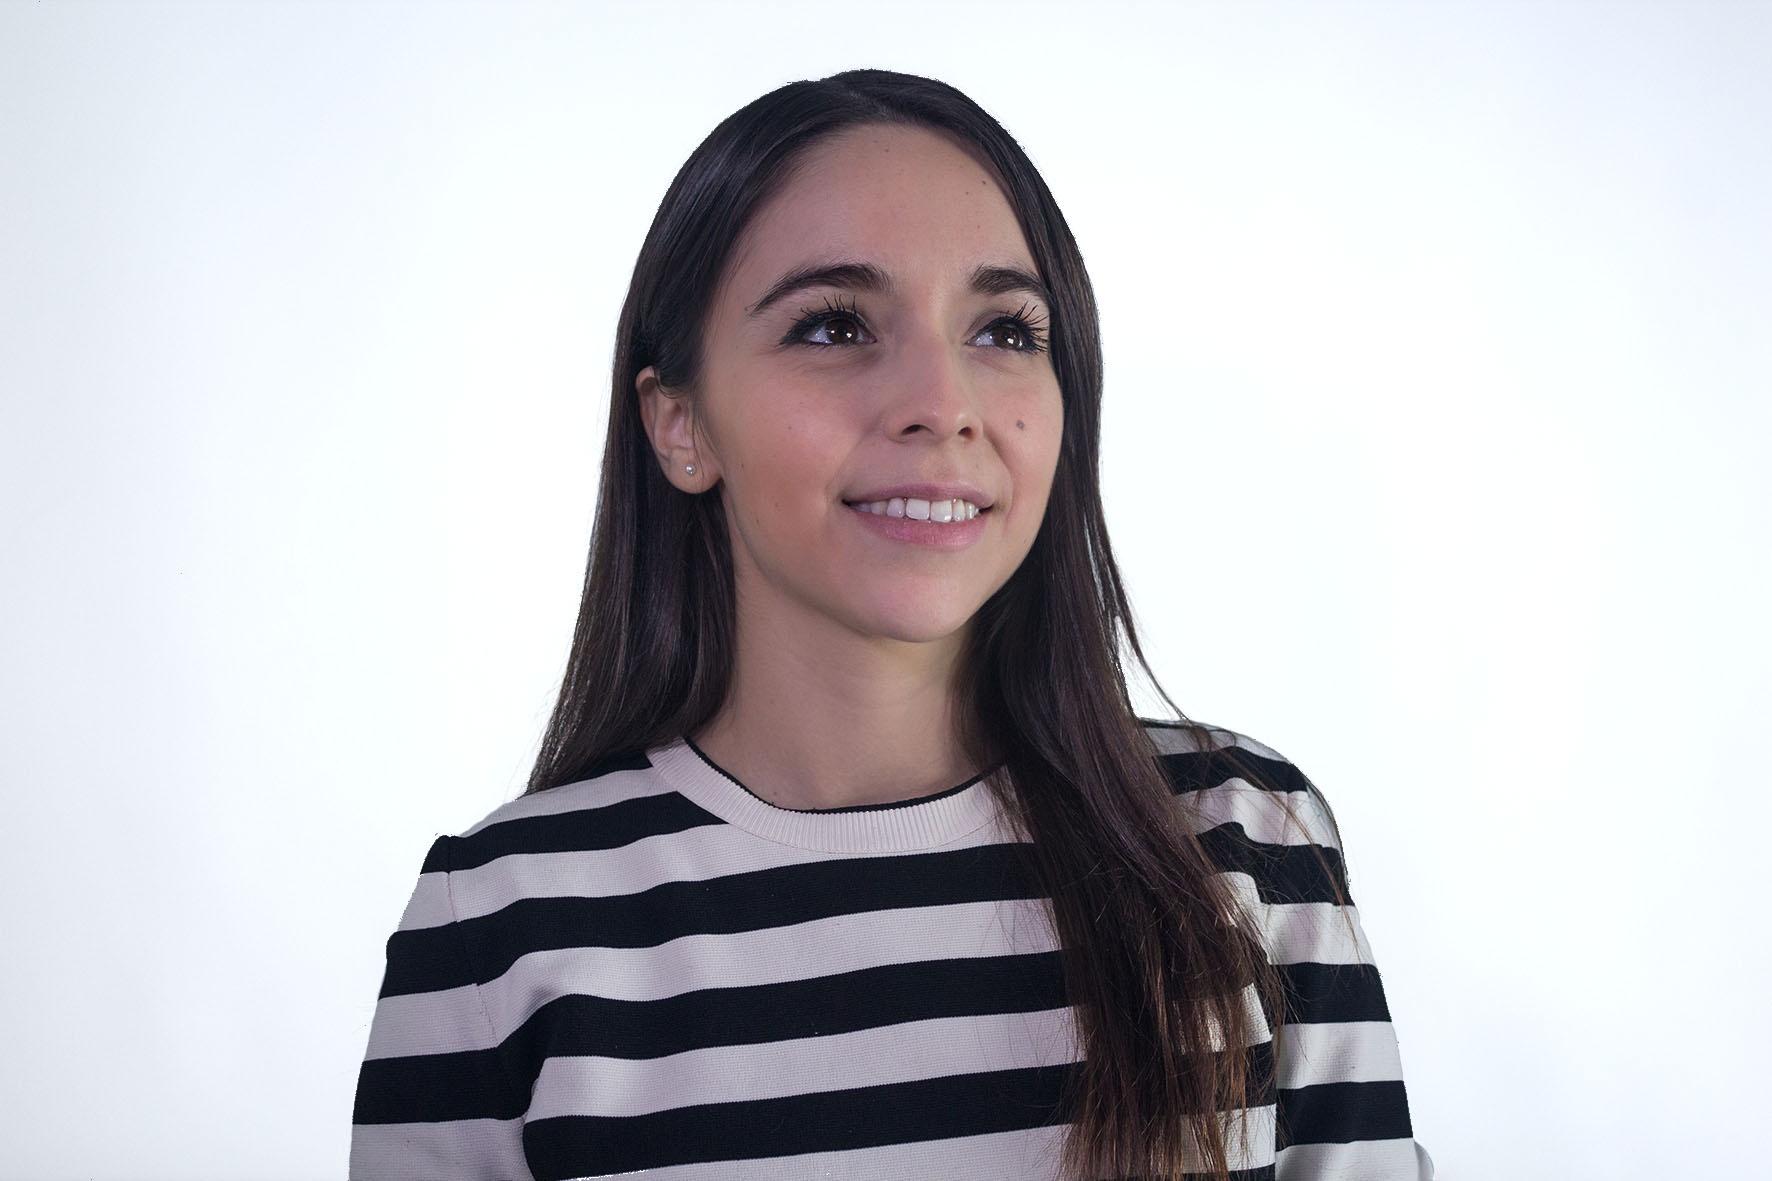 Ximena Sánchez